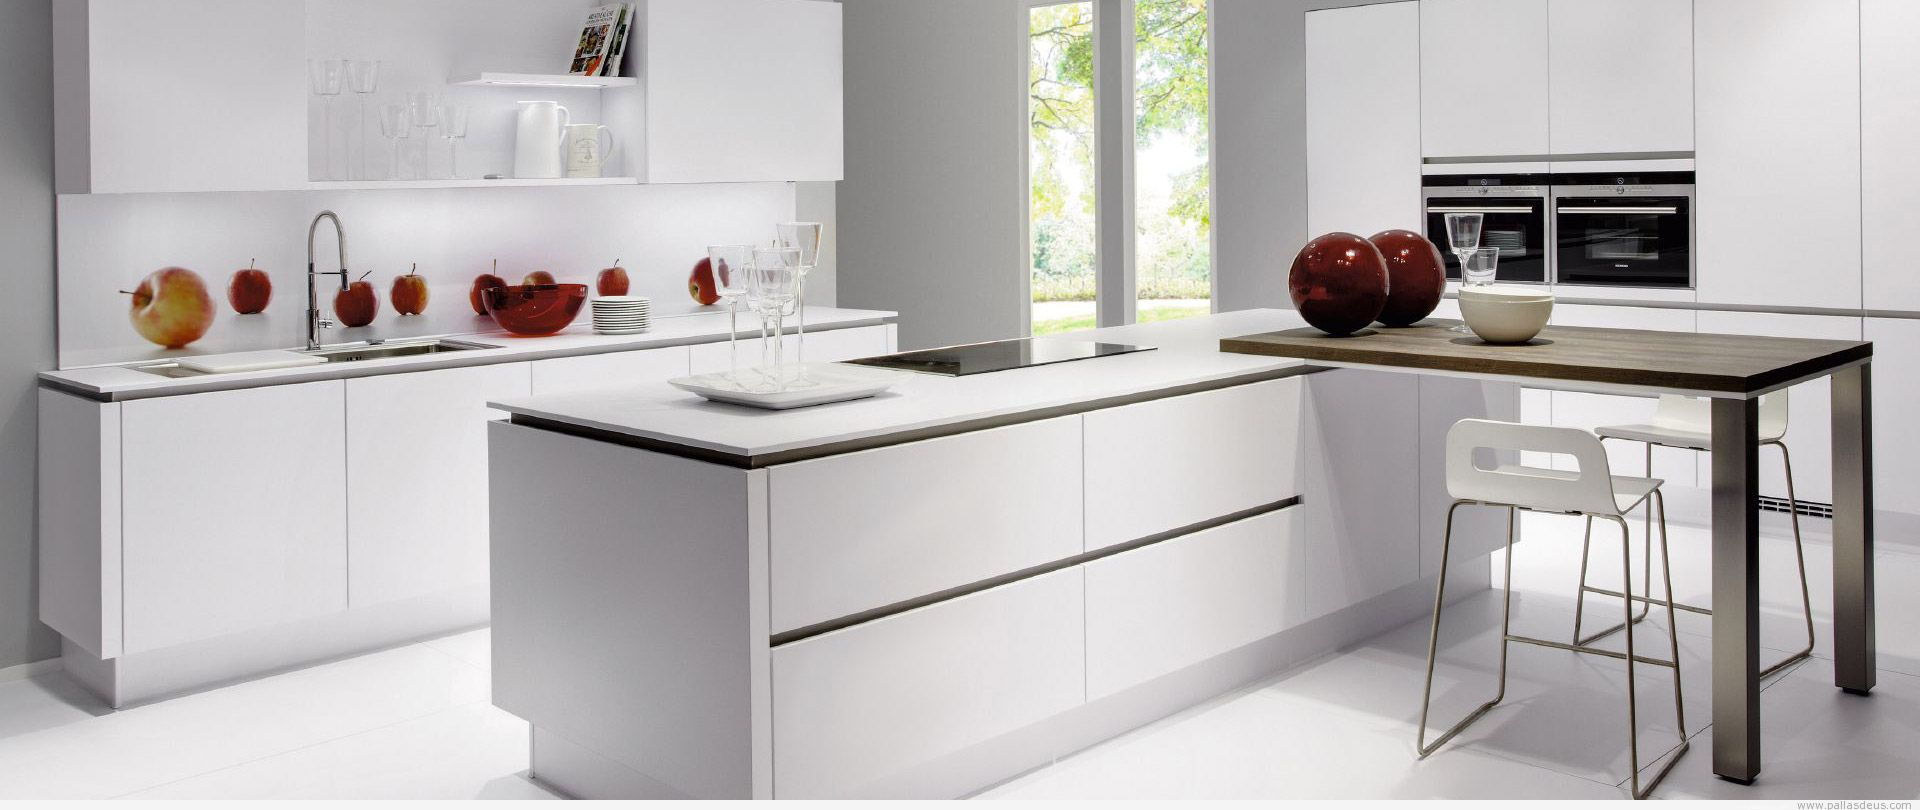 Montadores de muebles de cocina carpinter a pallas deus for Cocinas en ikea murcia